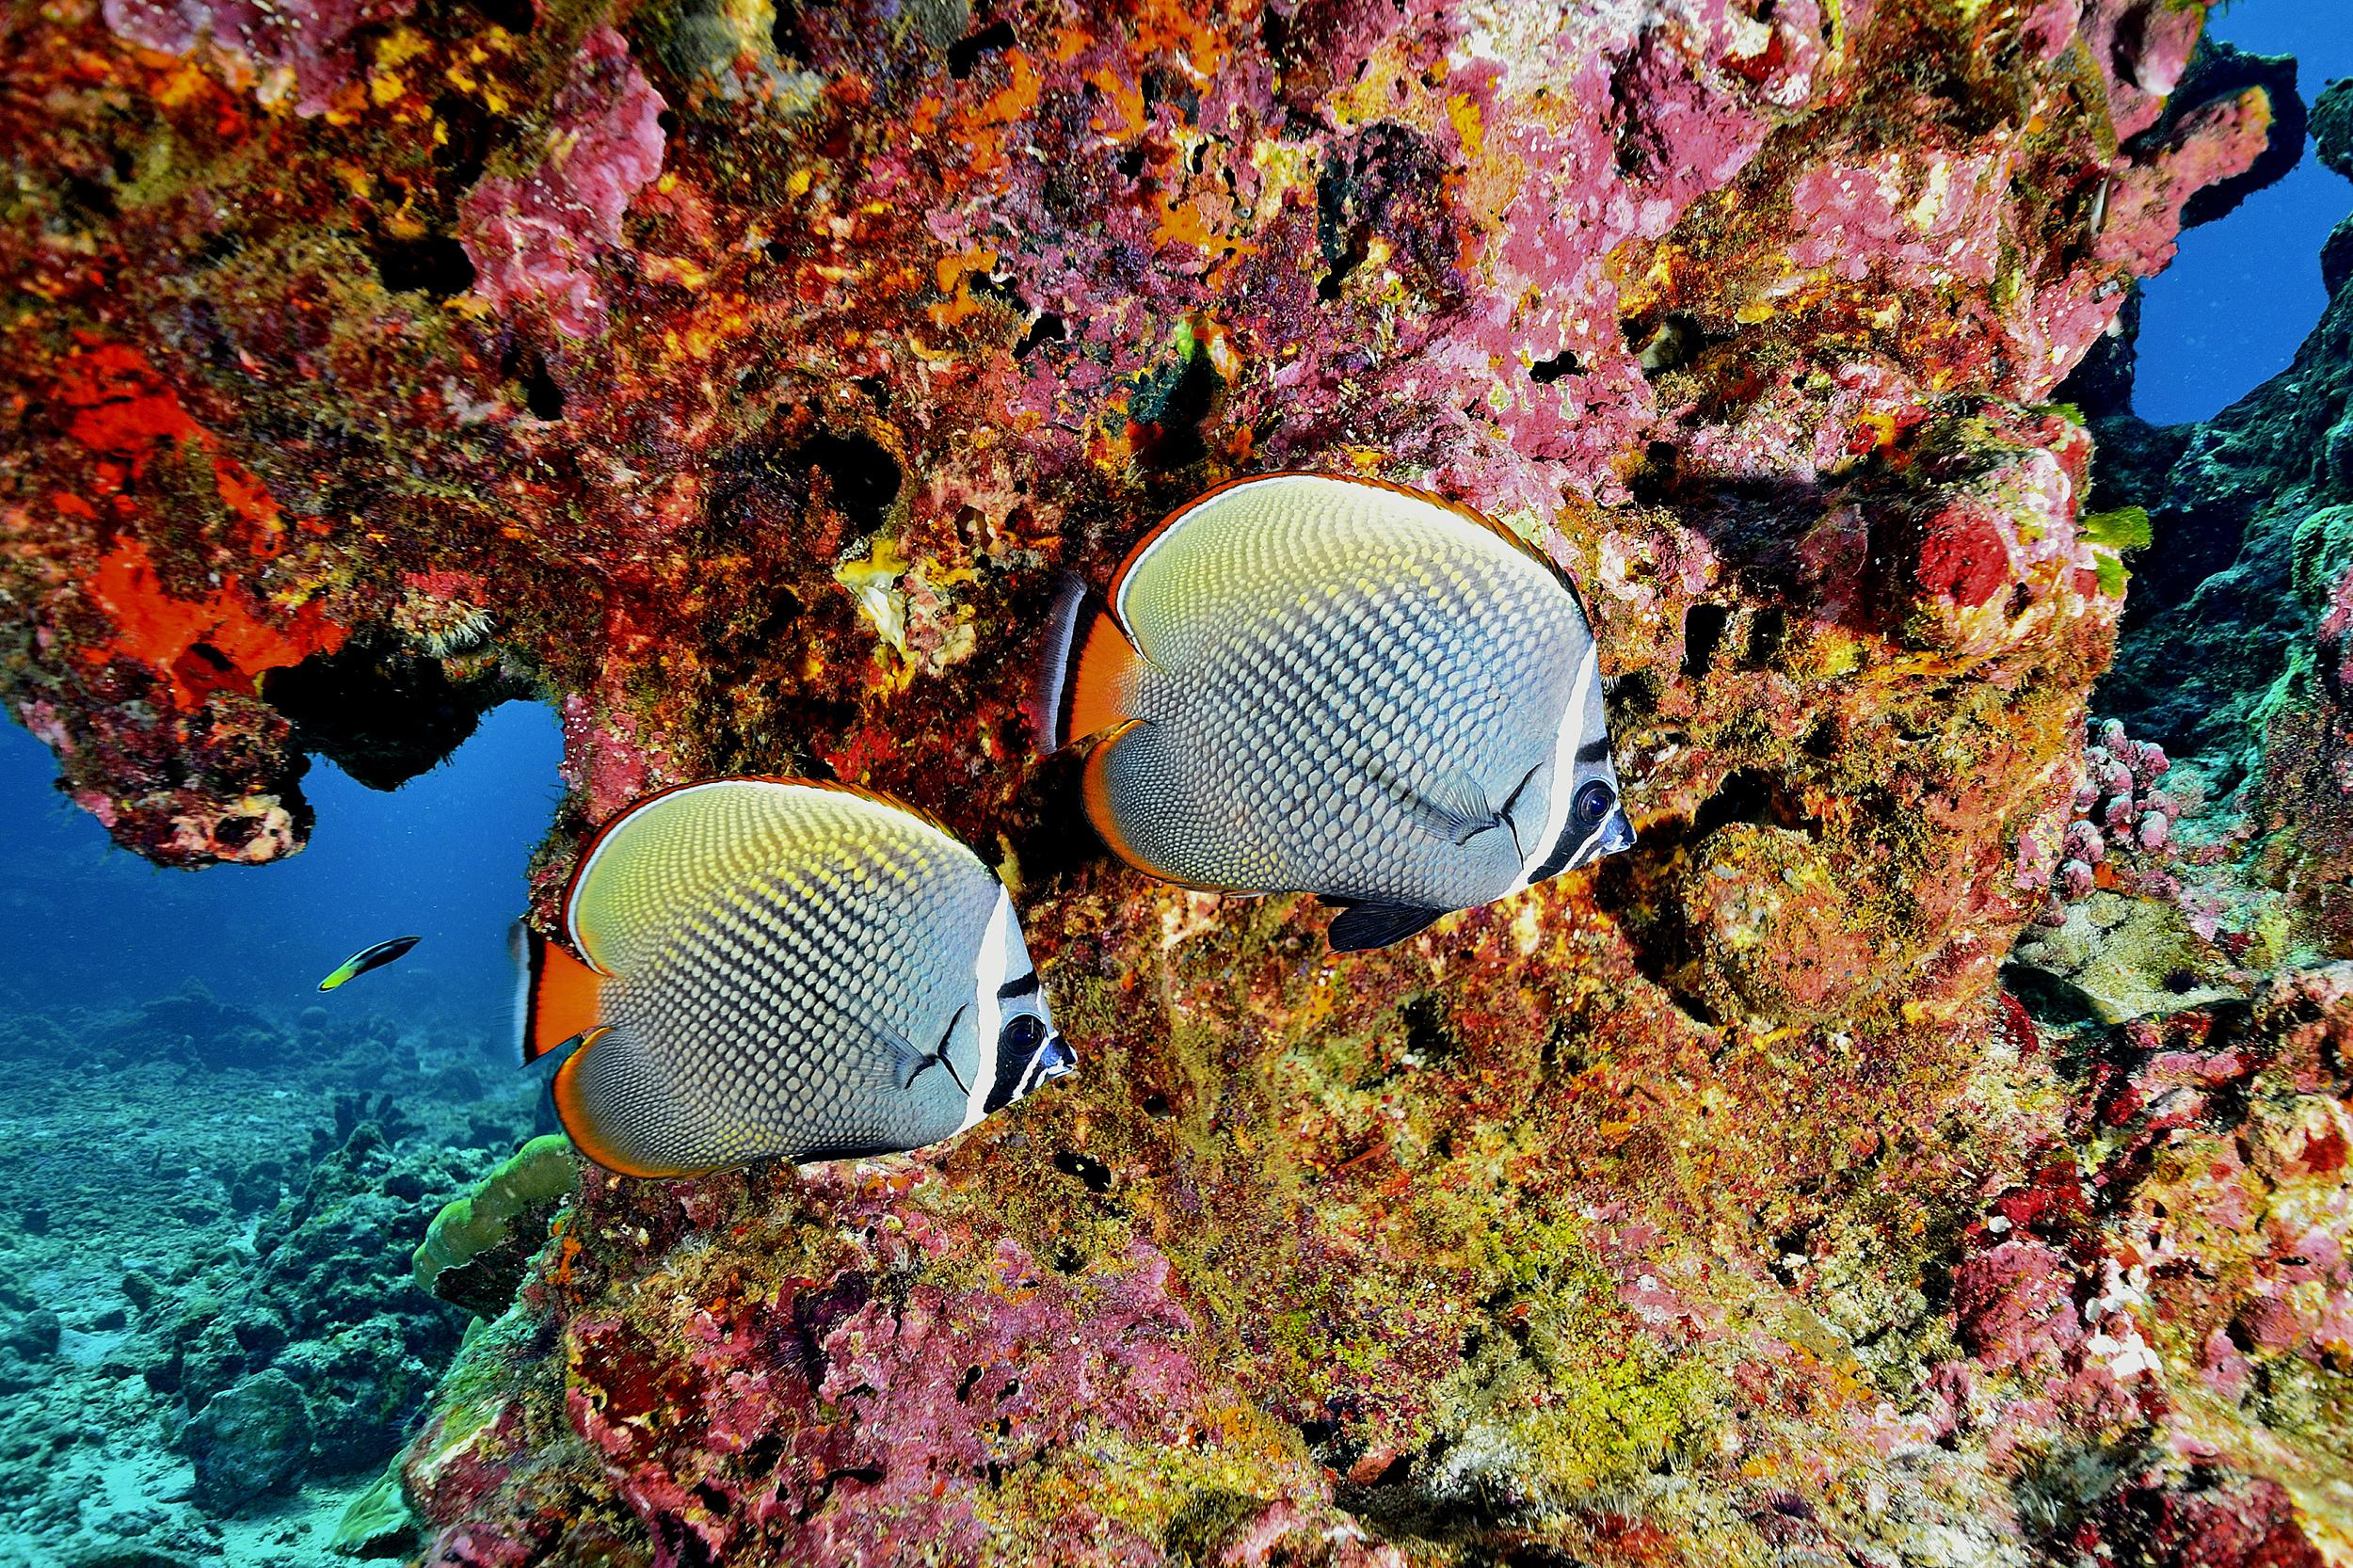 Fish and coral at the Similan Islands, Thailand